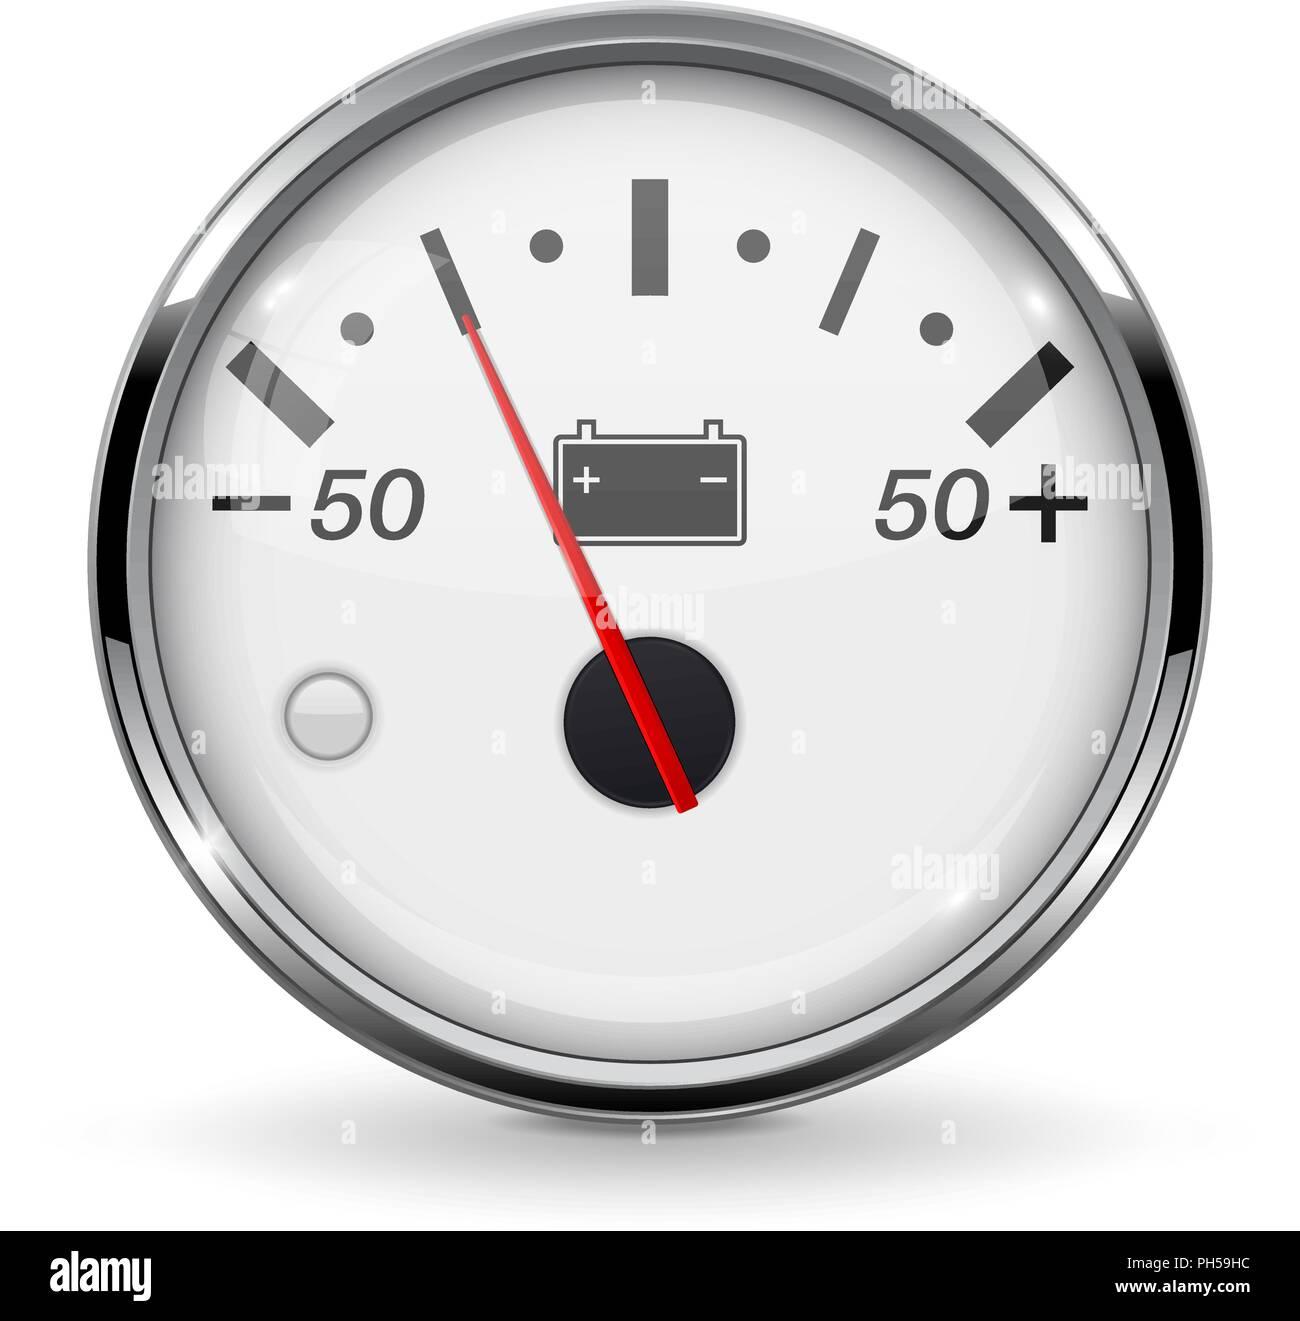 Accumulator gauge. Low level - Stock Vector